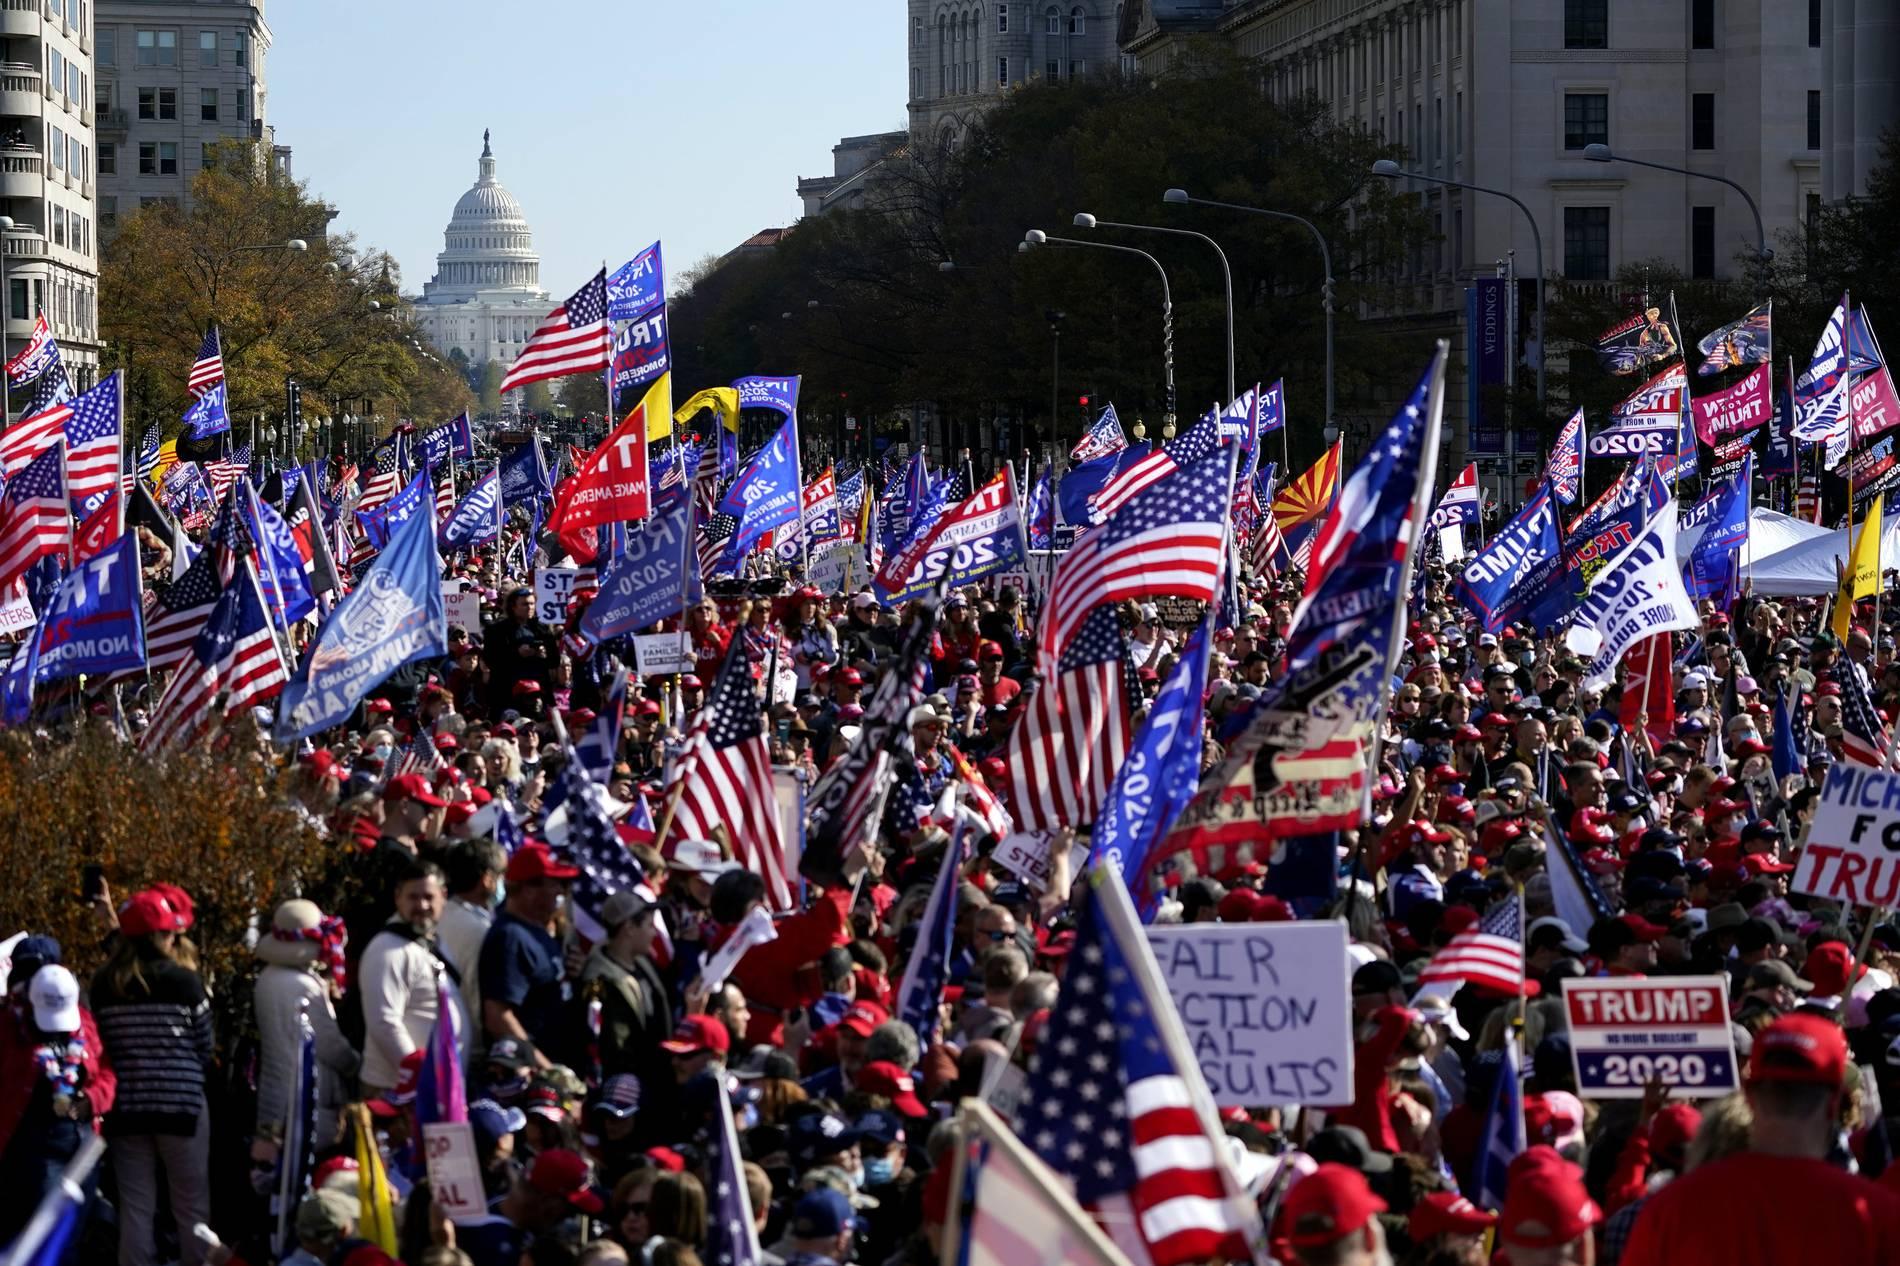 Proteste in Washington: Tausende Trump-Anhänger protestieren gegen angeblichen Wahlbetrug